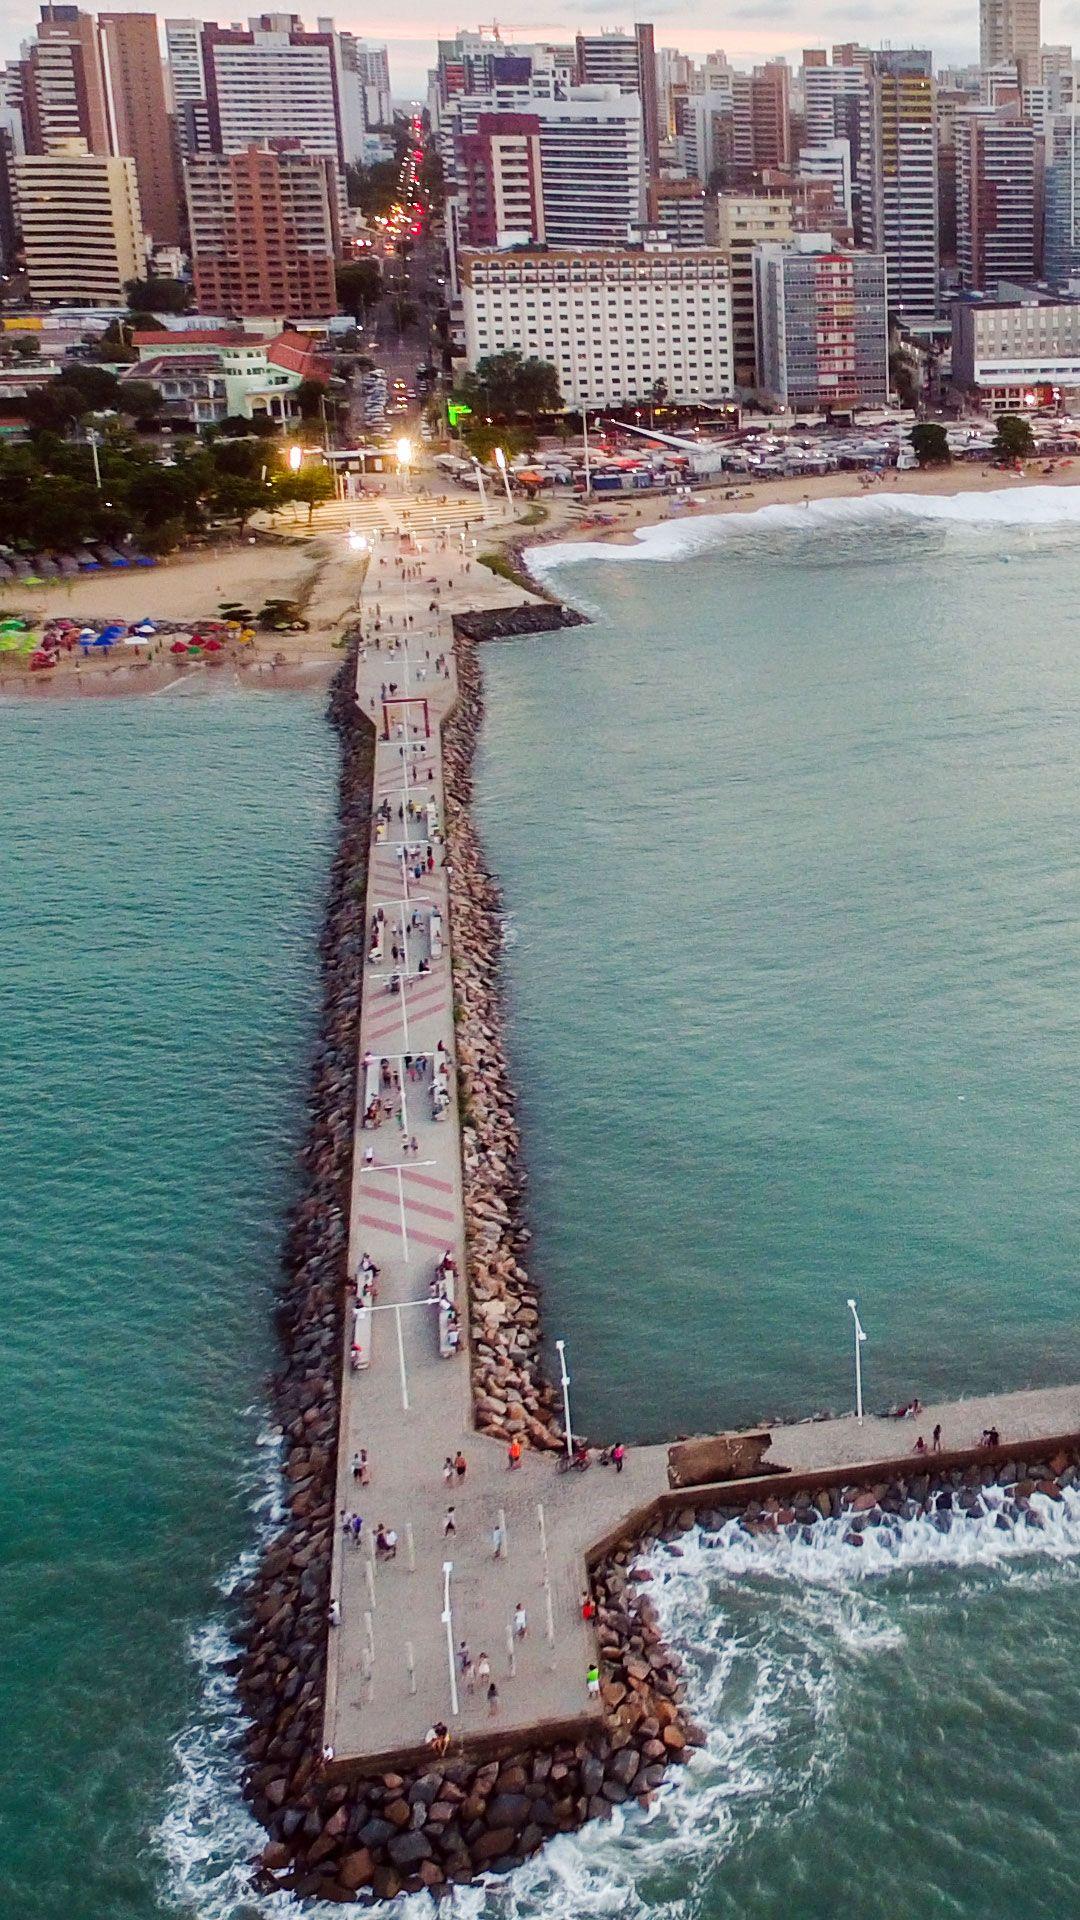 O Que Fazer Em Fortaleza Ceara Brasil Praias De Fortaleza Viagem Para Fortaleza Fortaleza Pontos Turisticos